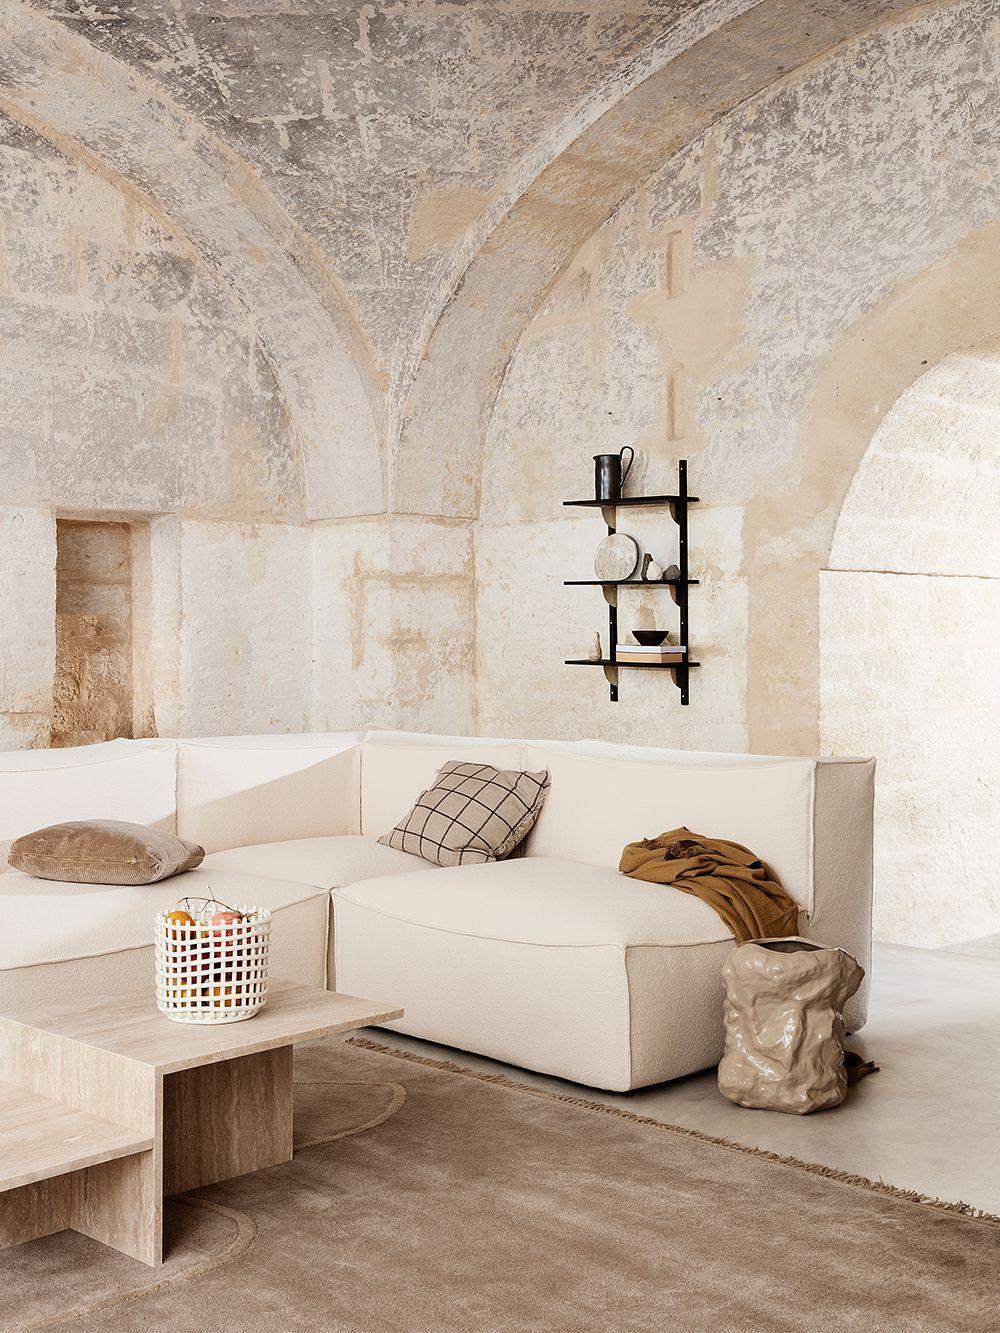 Ferm Living's white Ceramic basket in a living room.